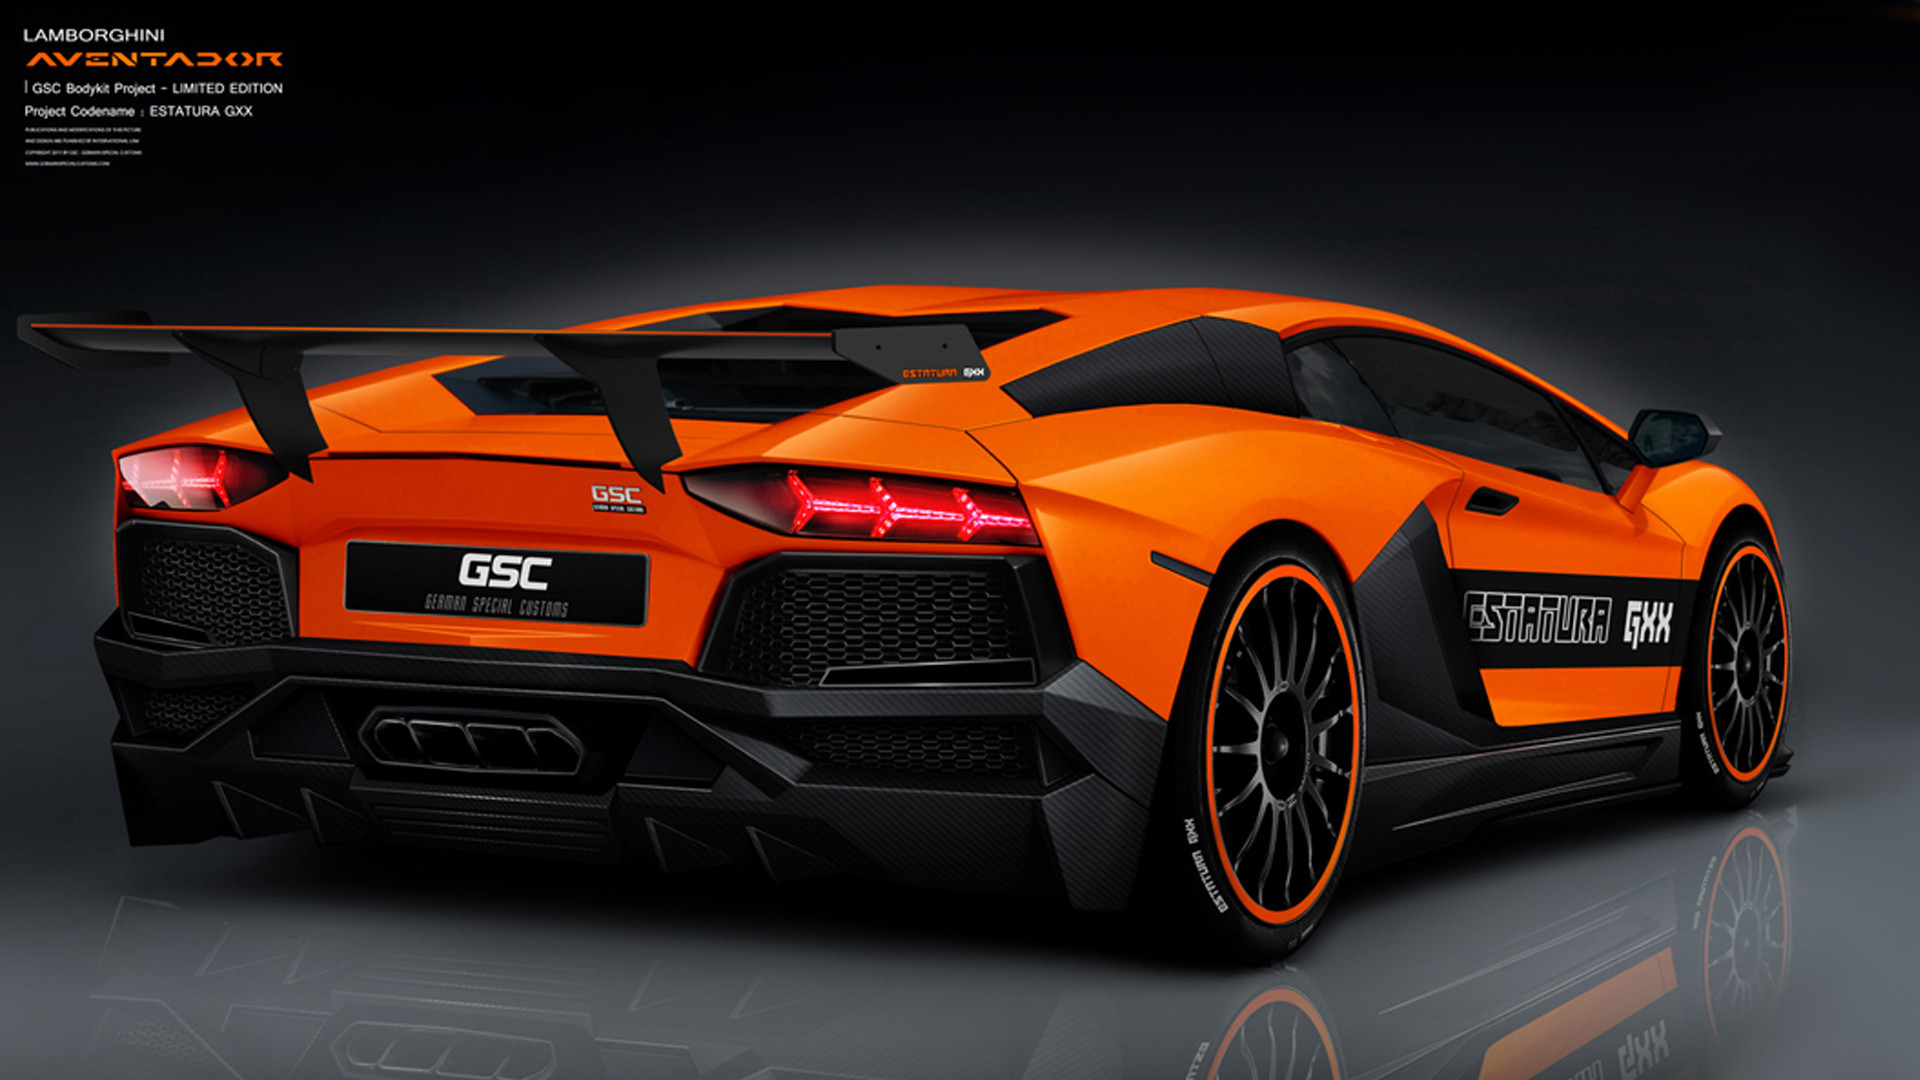 Cool Lamborghini Aventador Wallpapers. Download · Best Lamborghini  Aventador Estatura Orange Rea Wallpaper · Download